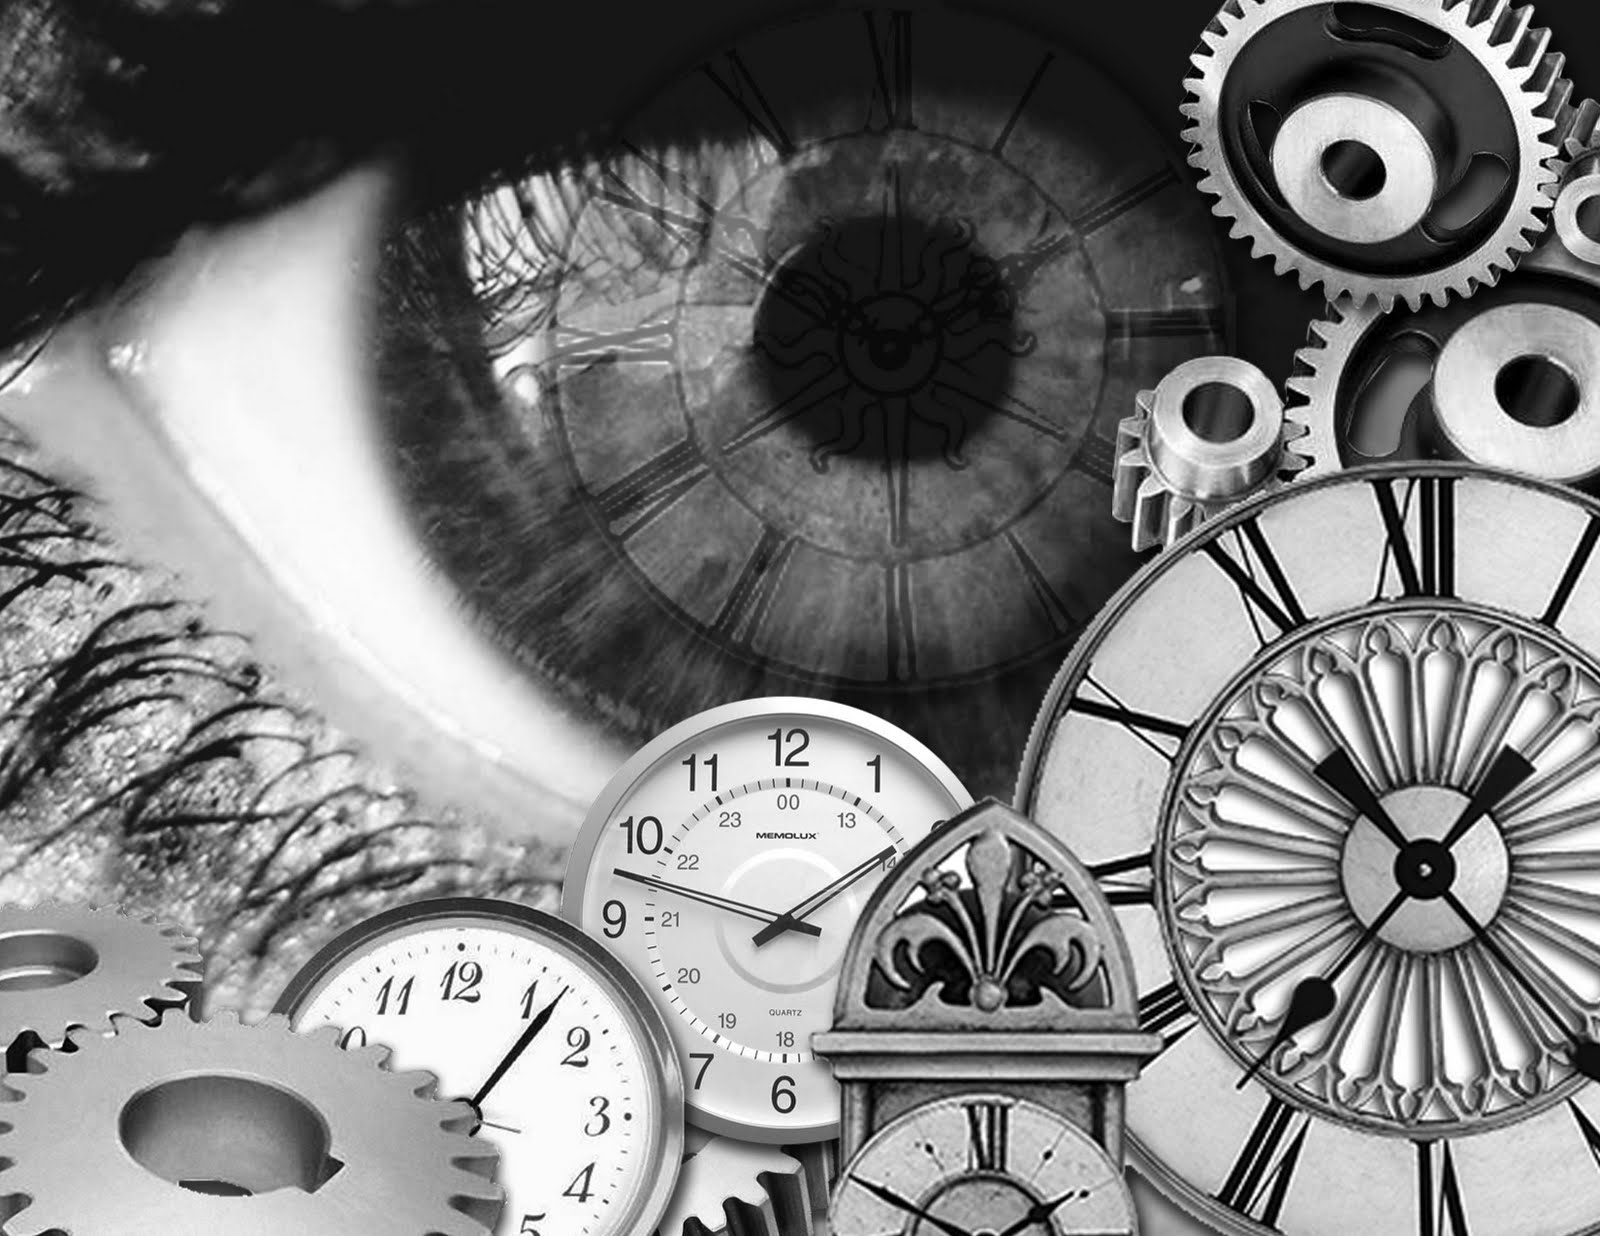 El tiempo: El fenómeno natural más cruel que conozco.